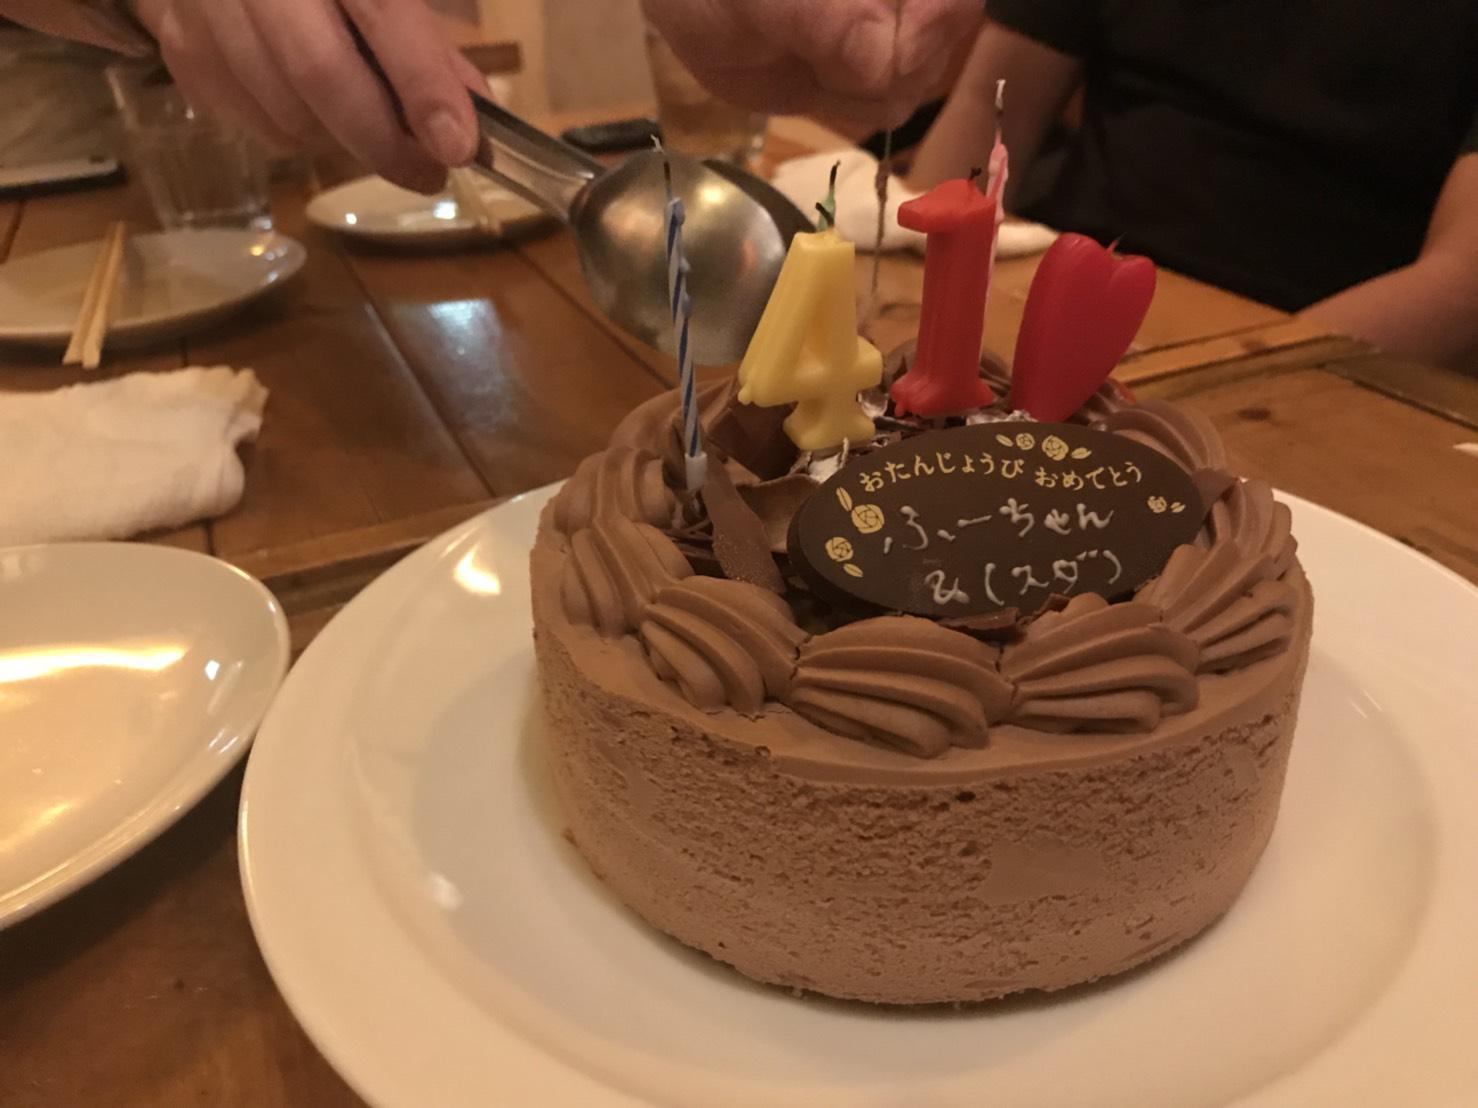 木暮さんの生誕祭しました!万歳!!